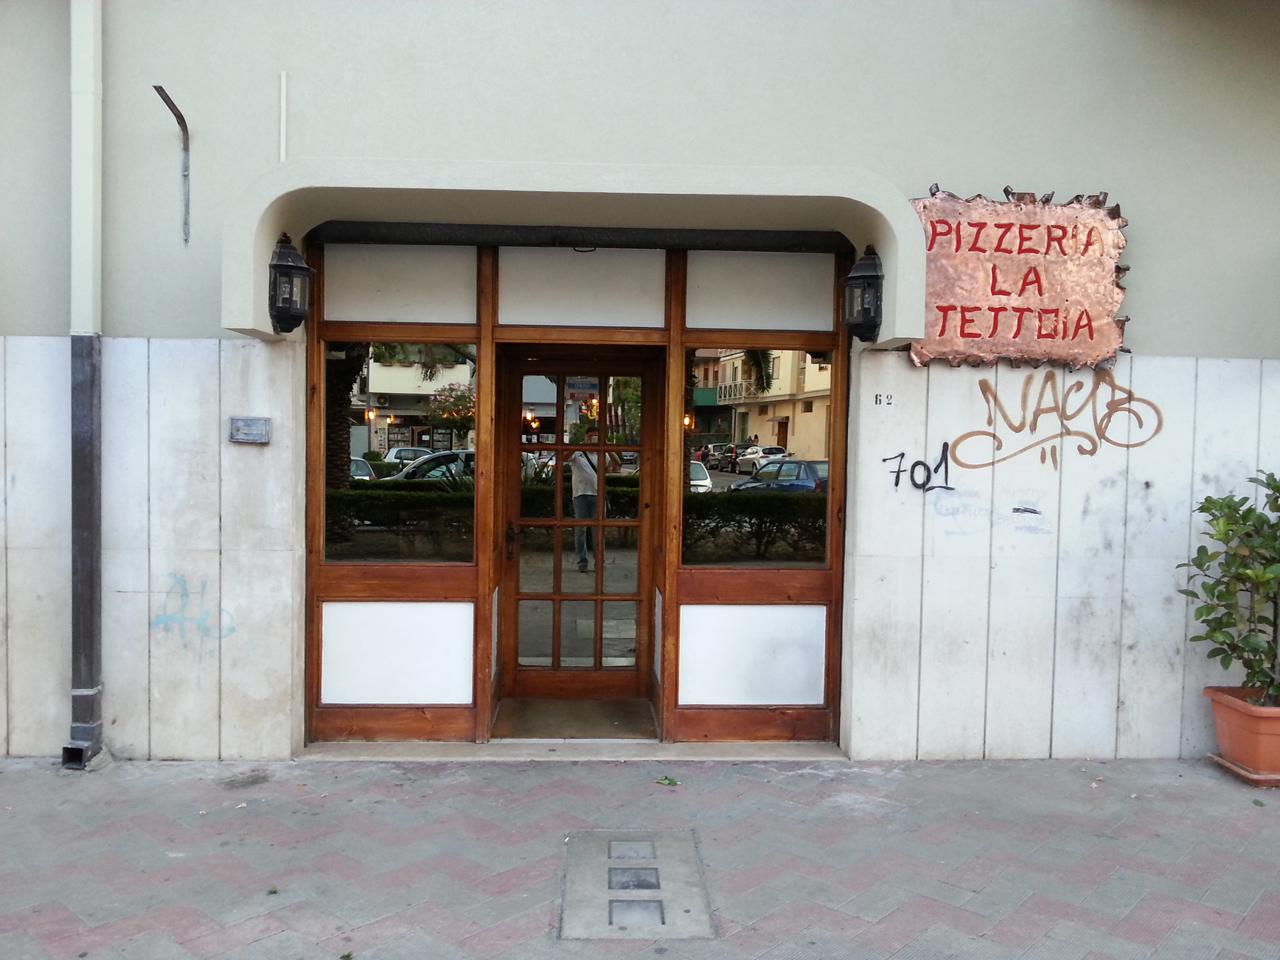 Pizzeria d'asporto La Tettoia